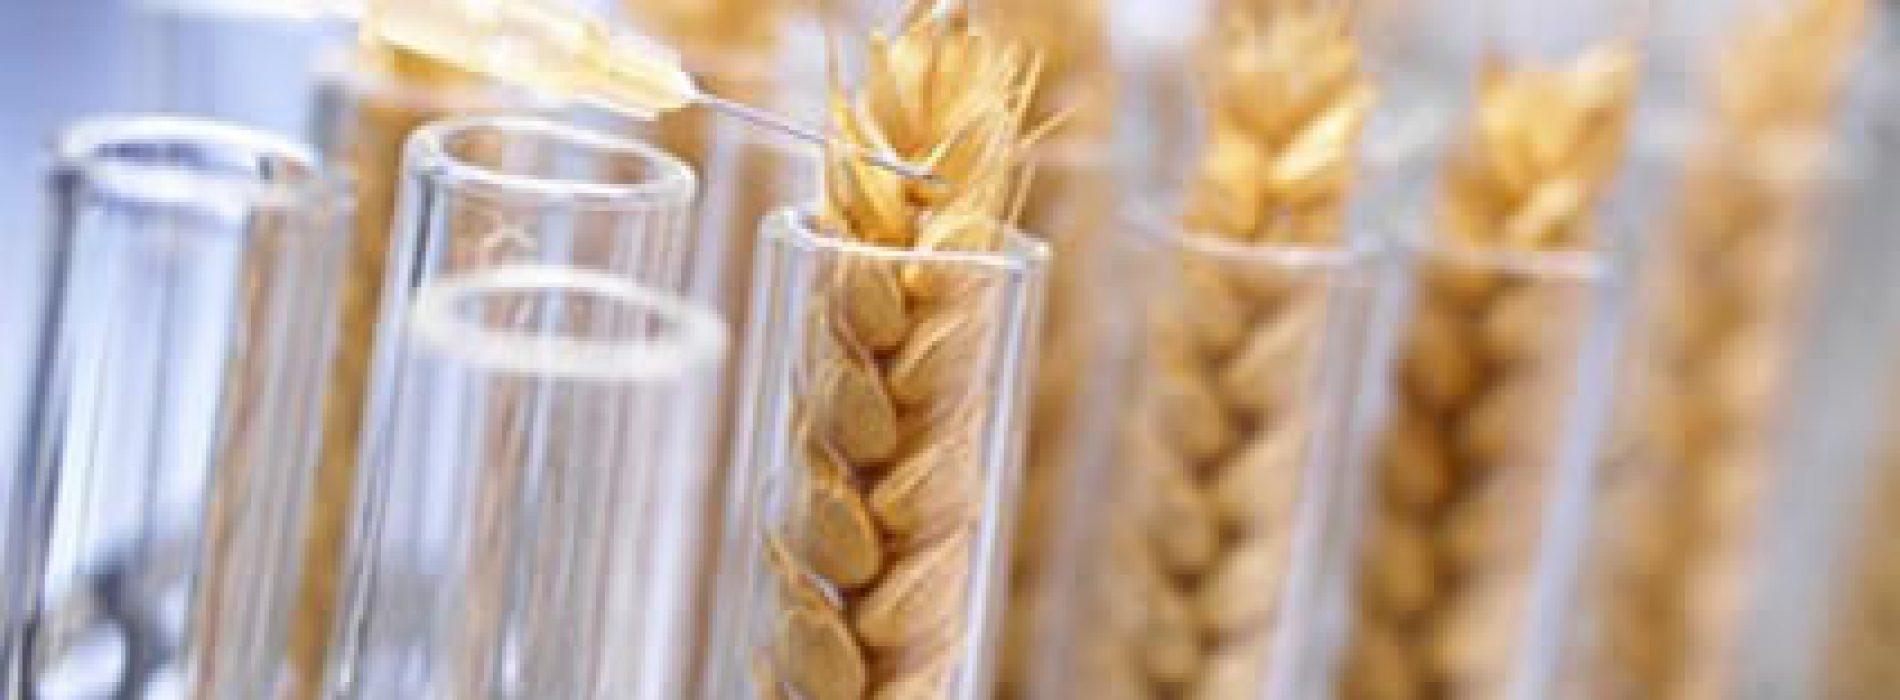 Cardioloog: modern graan bevat verslavend opiaat